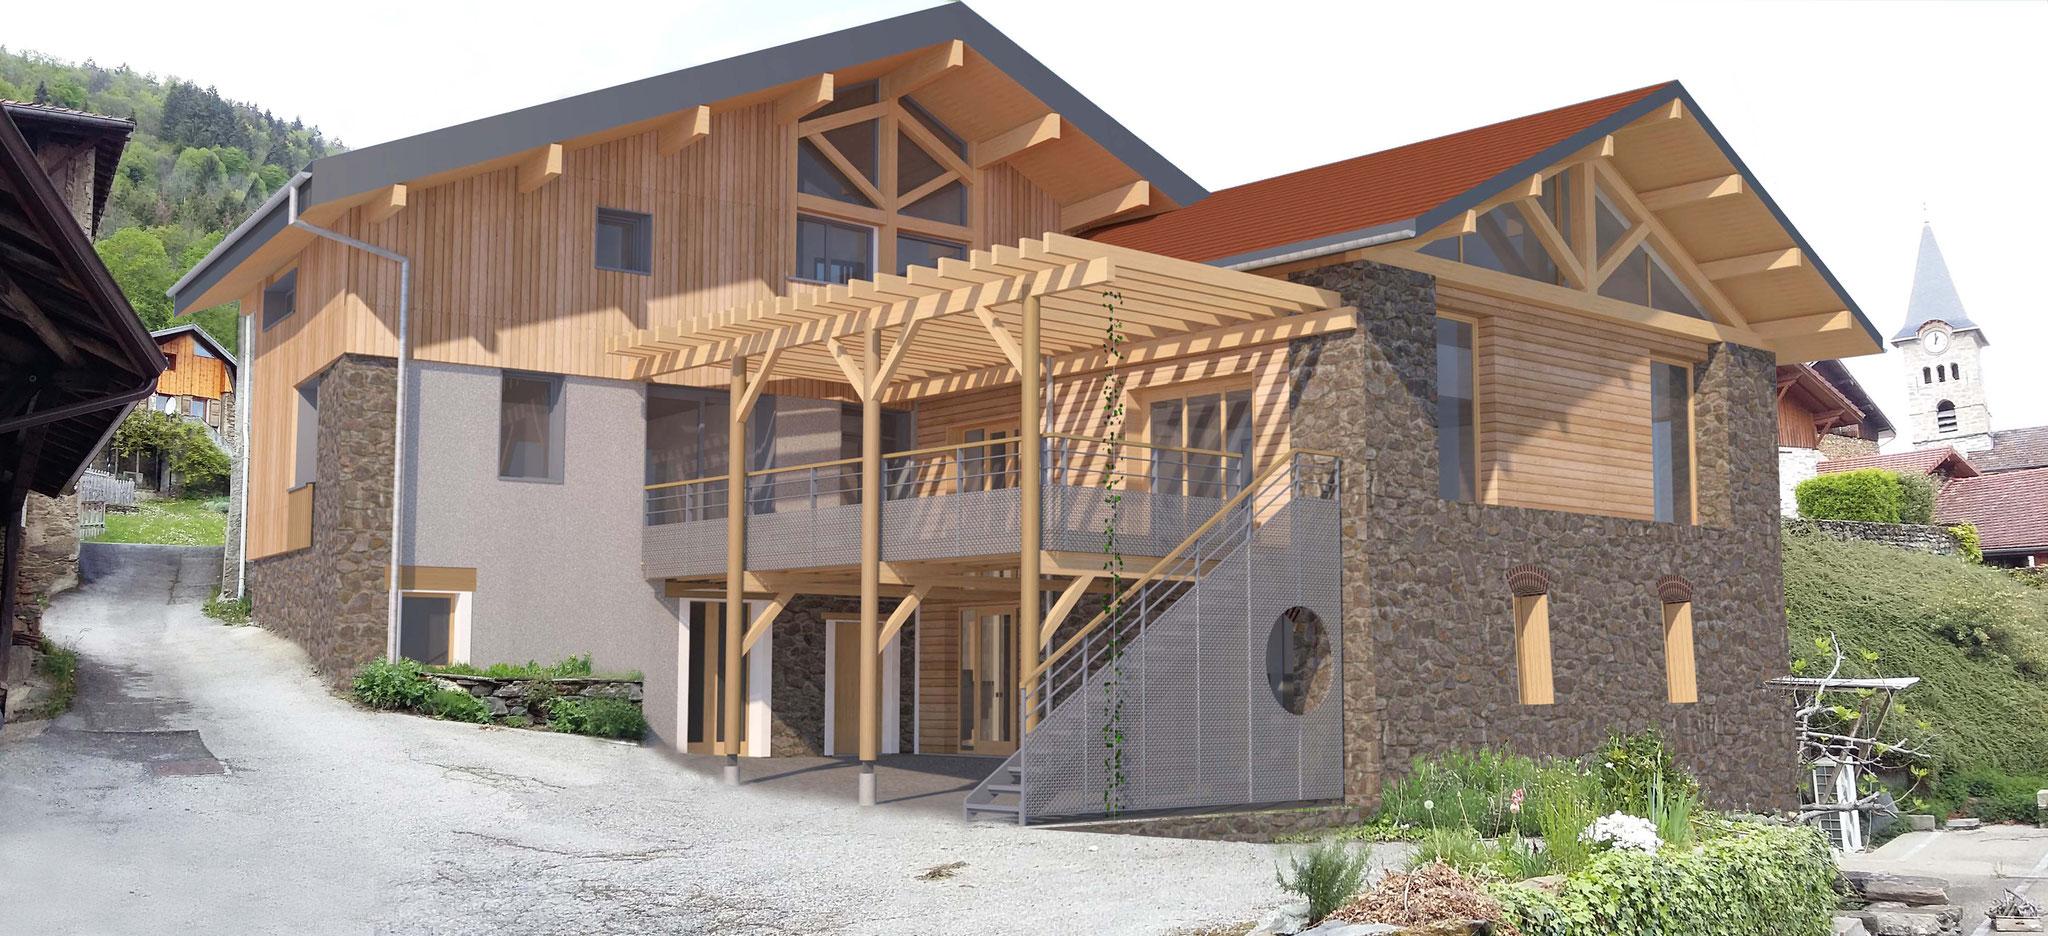 Transformation d'une grange en logements à Le Moutaret (38) - Permis accordé